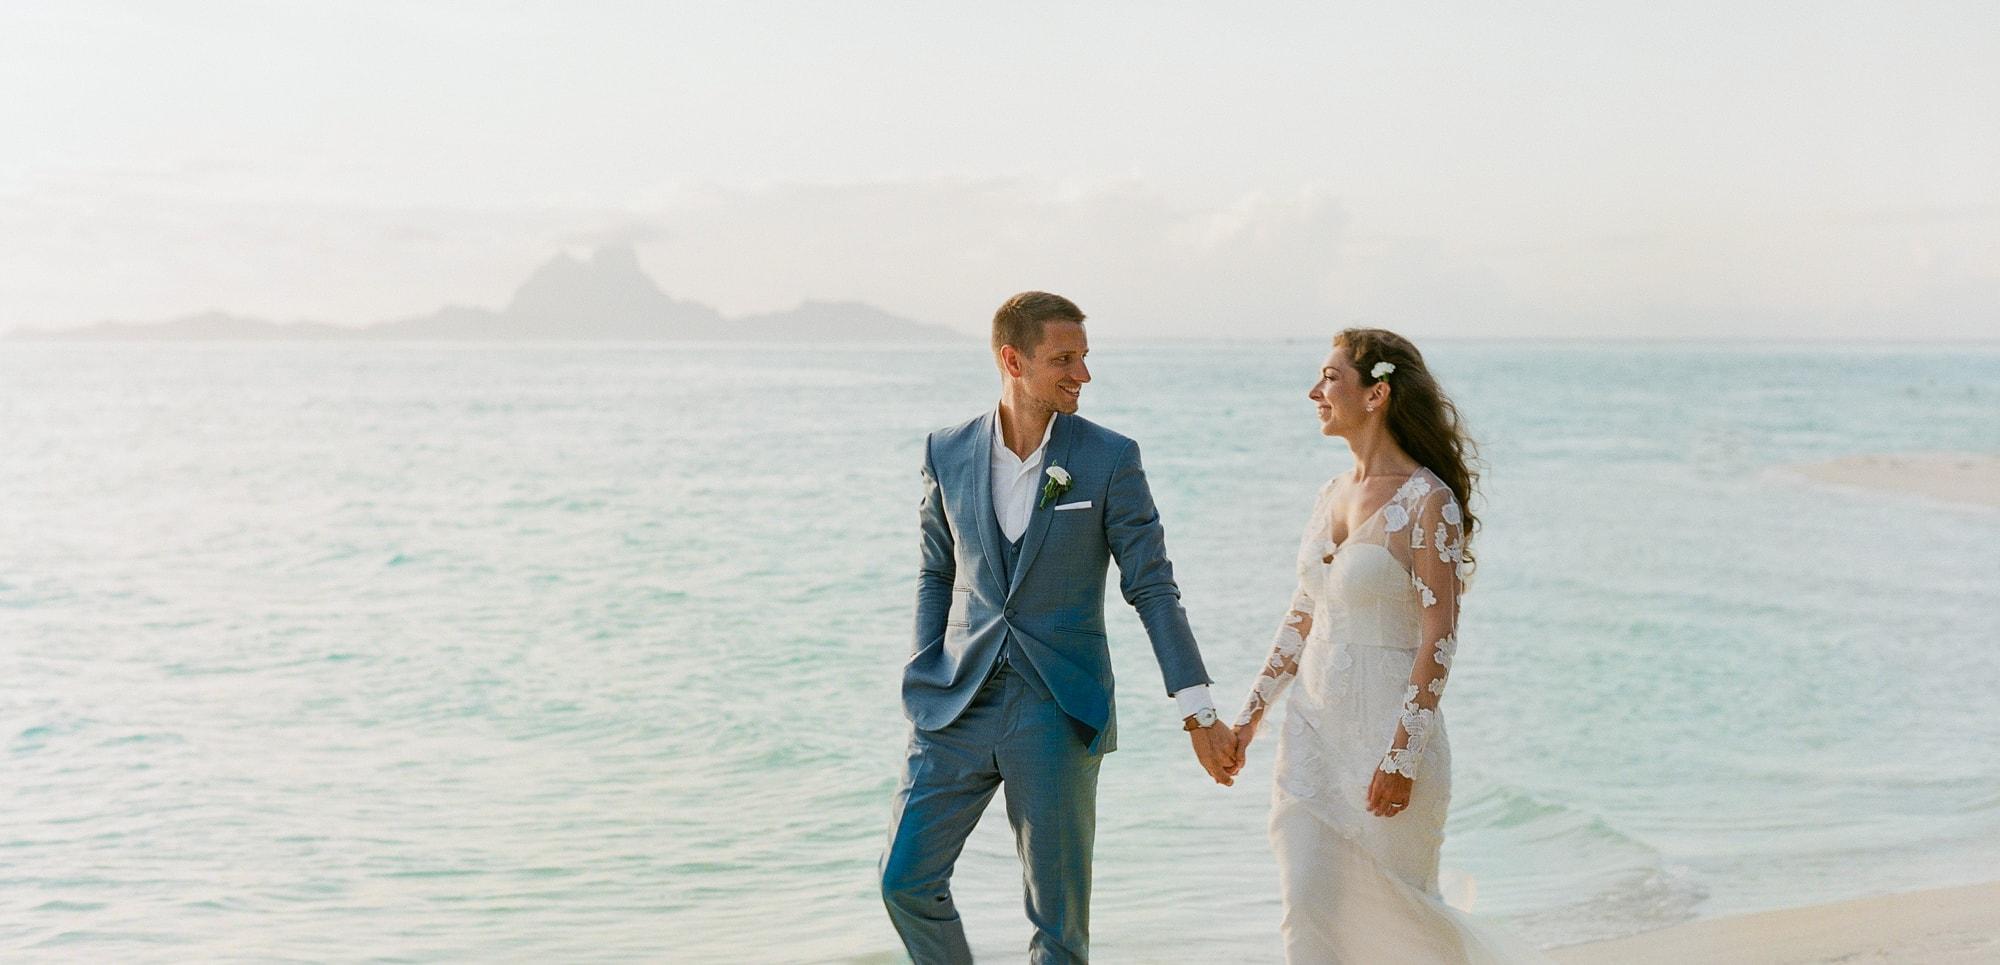 https://tahititourisme.com.au/wp-content/uploads/2021/04/PCP-Bora-Bora-Photography-Couple-Wedding-sunset.jpg